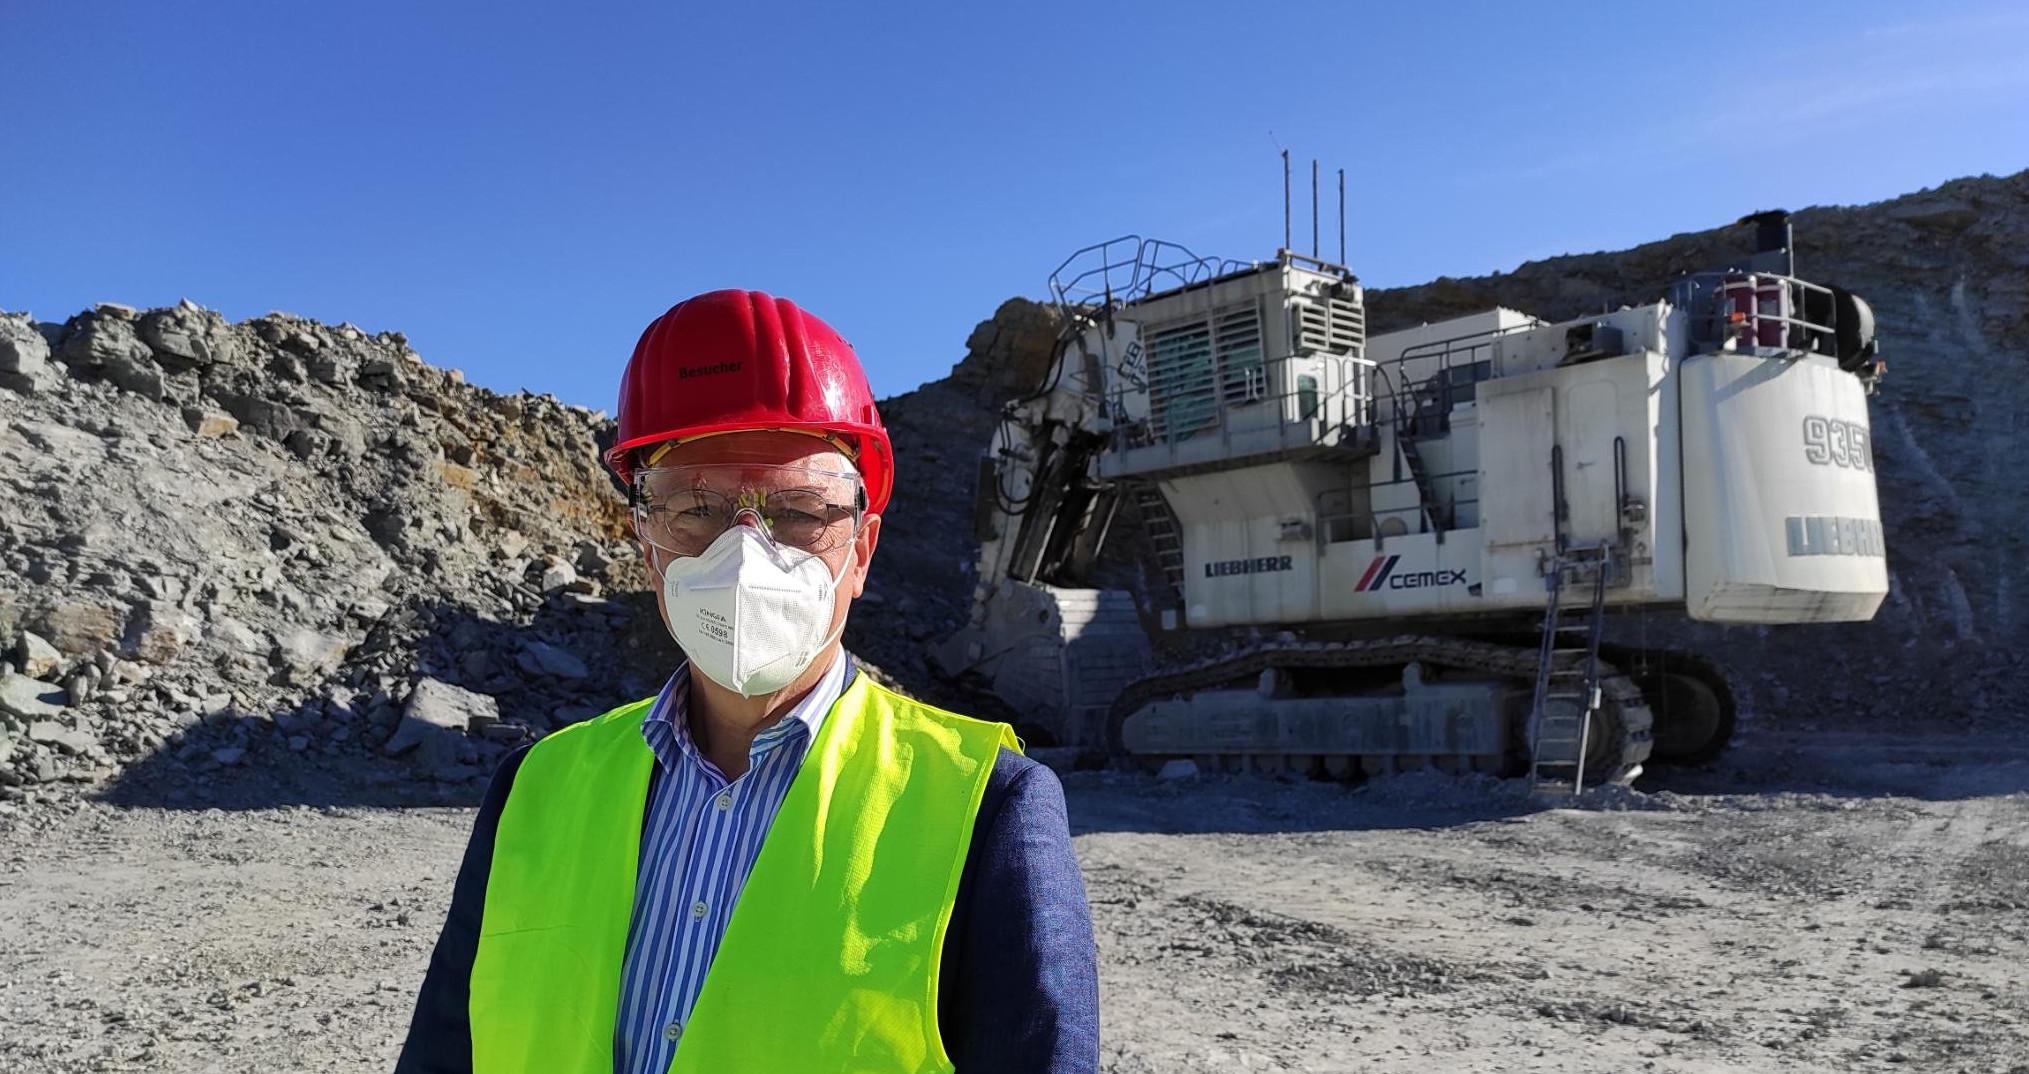 Zementwerk Rüdersdorf auf dem Weg zur Klimaneutralität